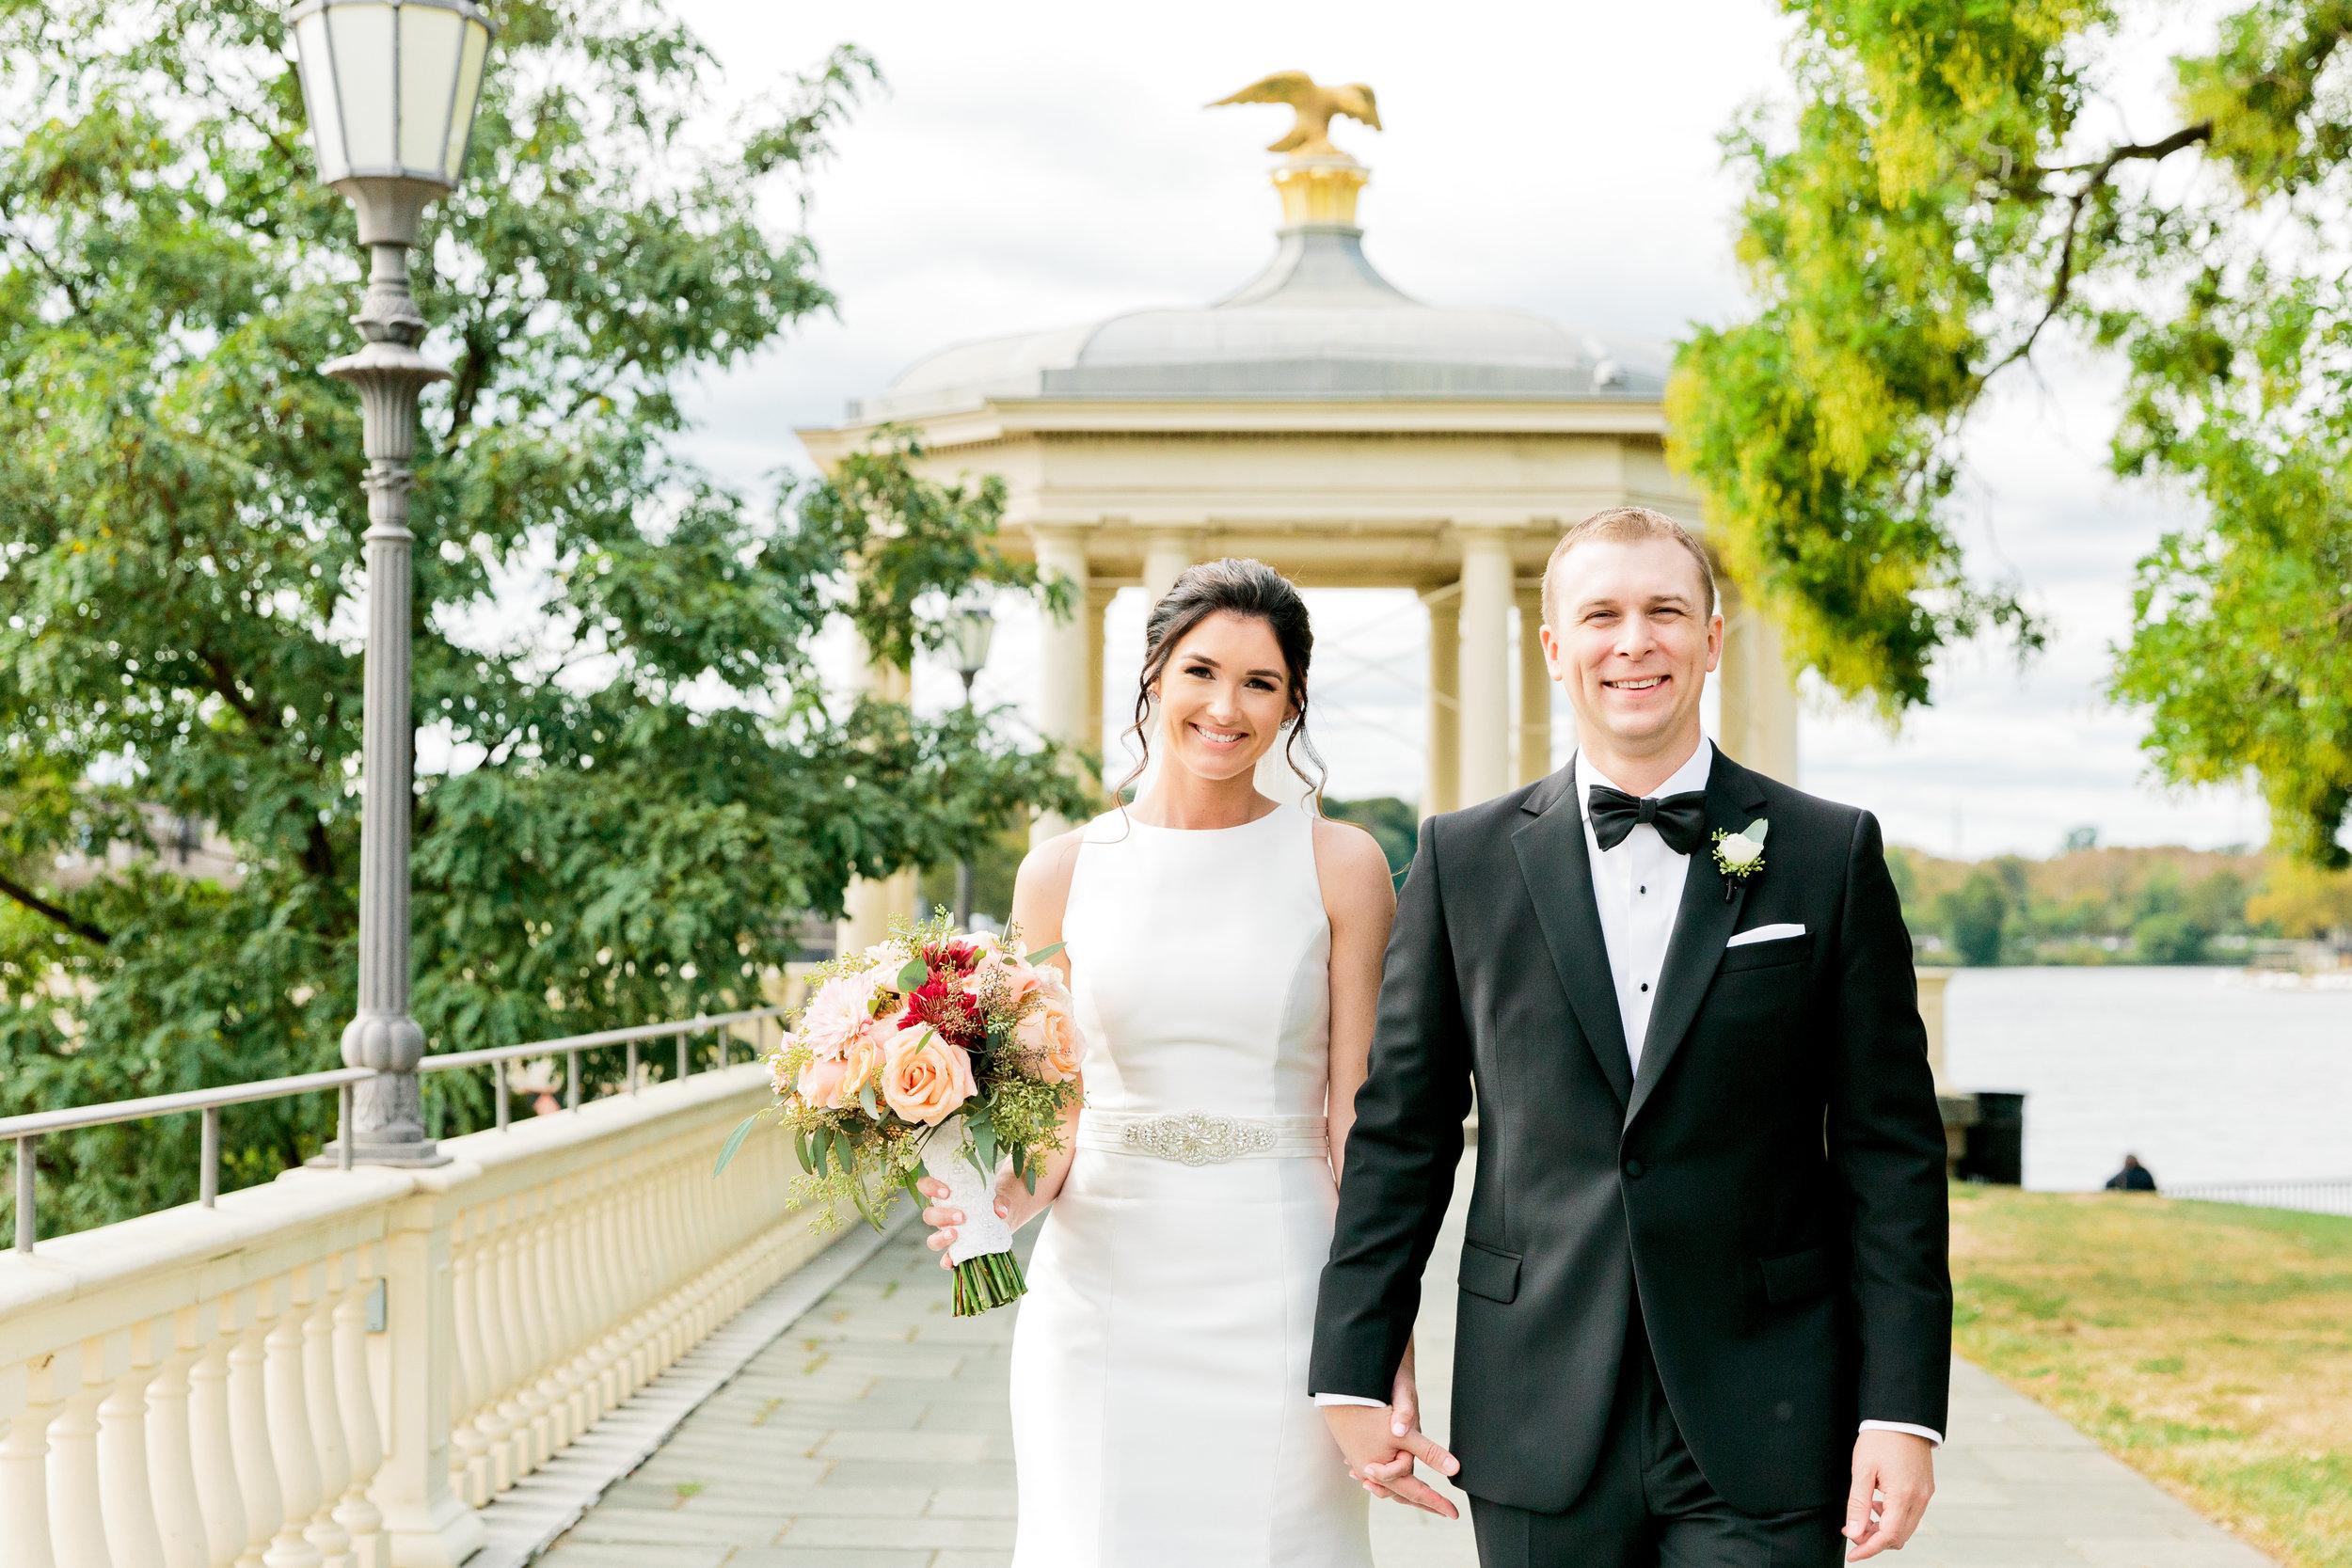 Hudson-Nichols-Black-Tie-Bride-Philadelphia-Waterworks-Wedding-Bride-Groom-Portraits42.jpg